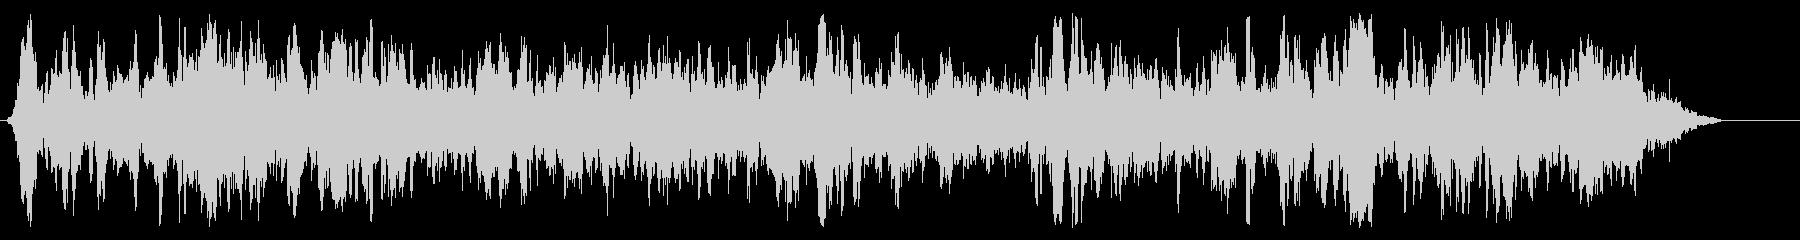 バッスル5内側の柔らかい雑音の未再生の波形